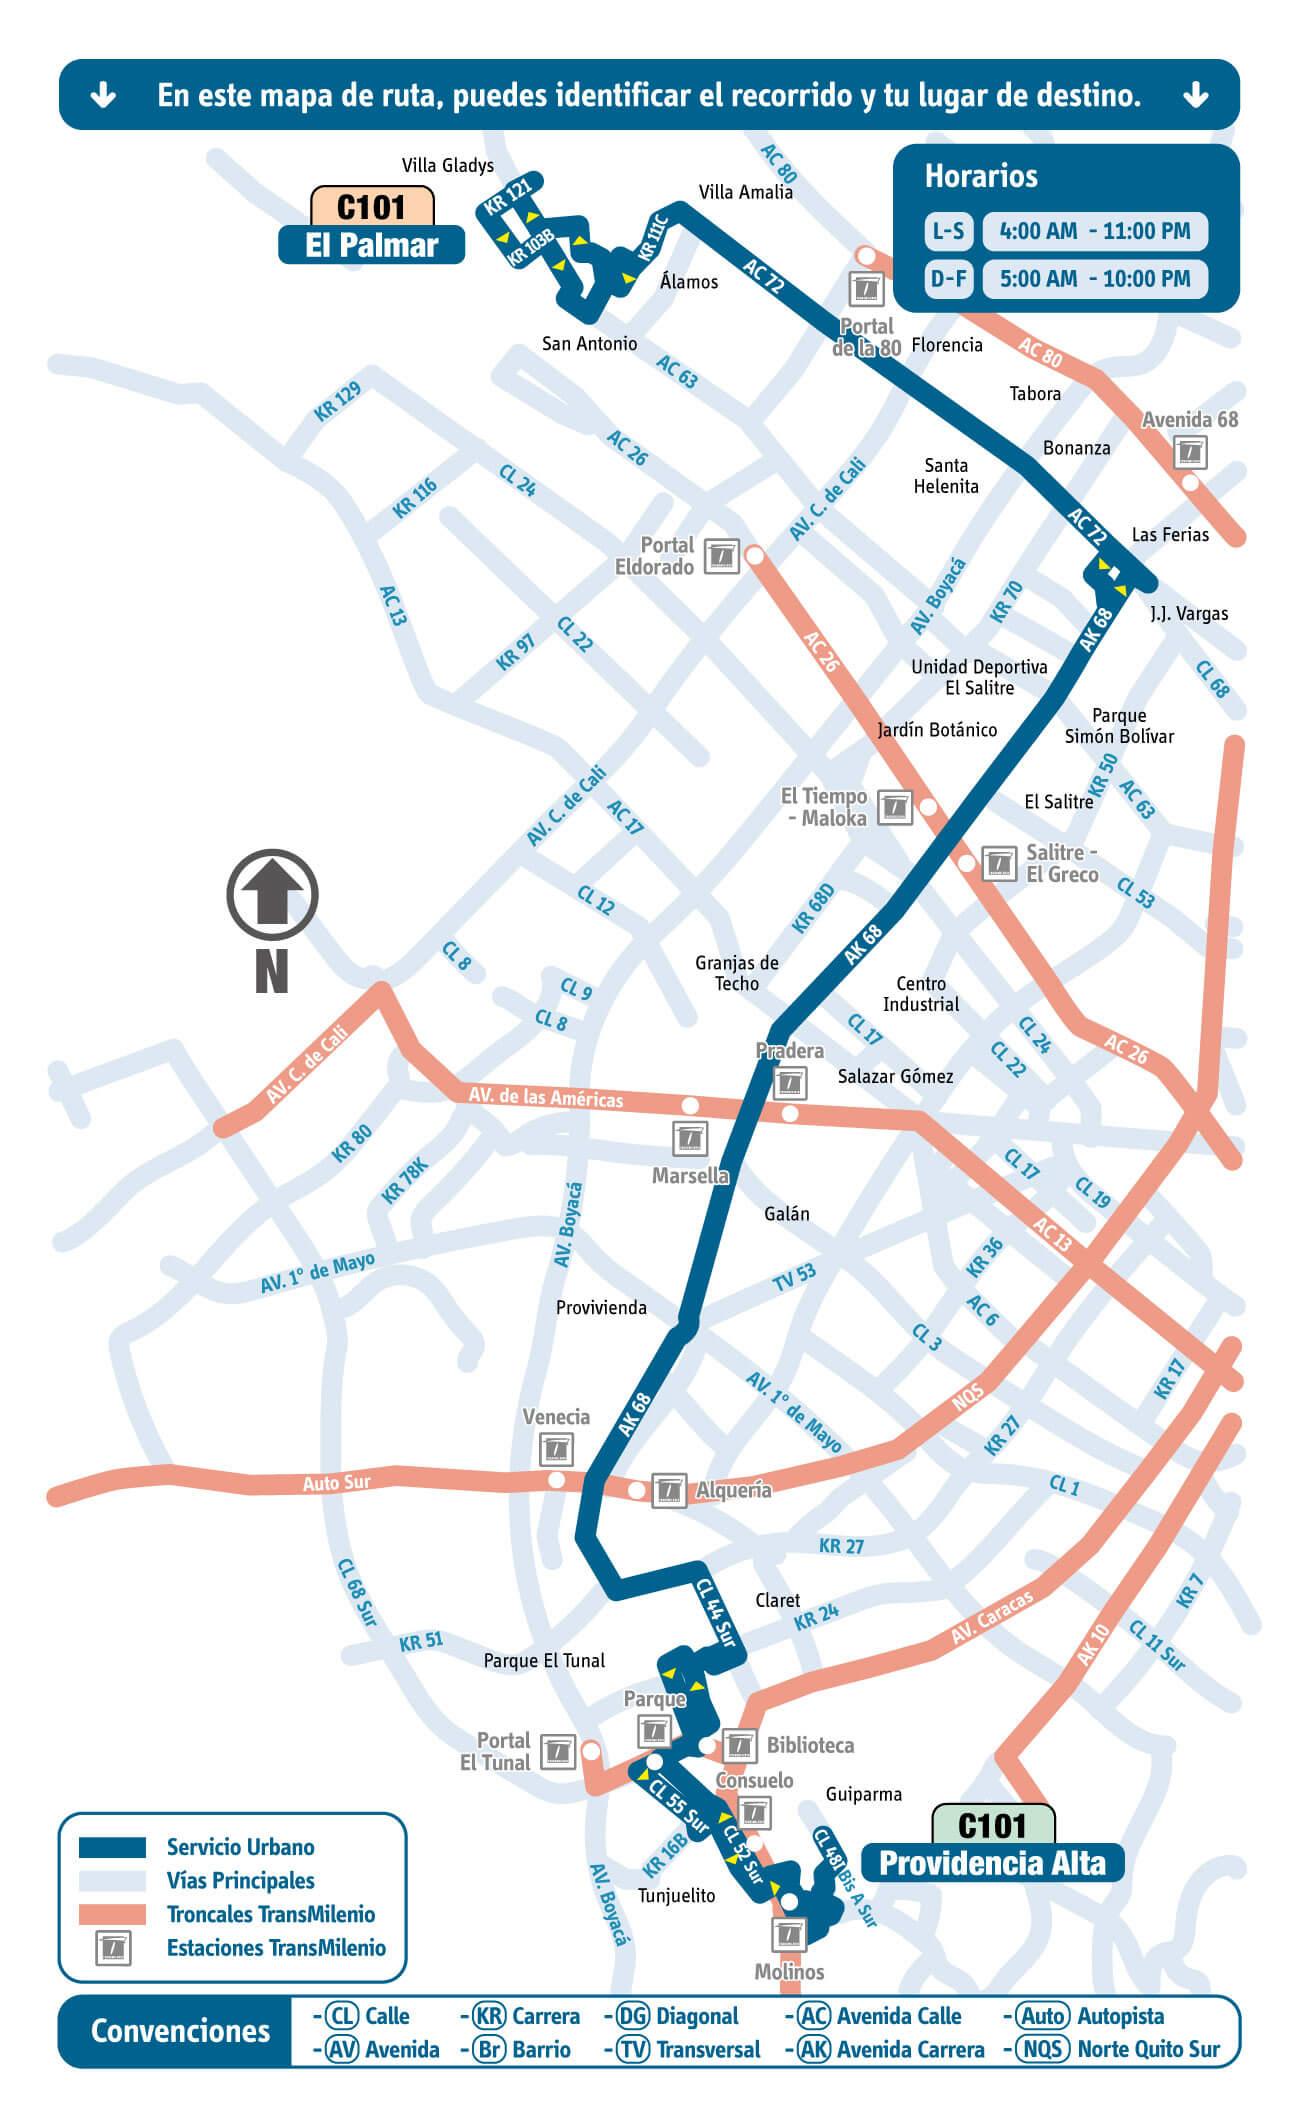 mapa de la Ruta C101 del SITP